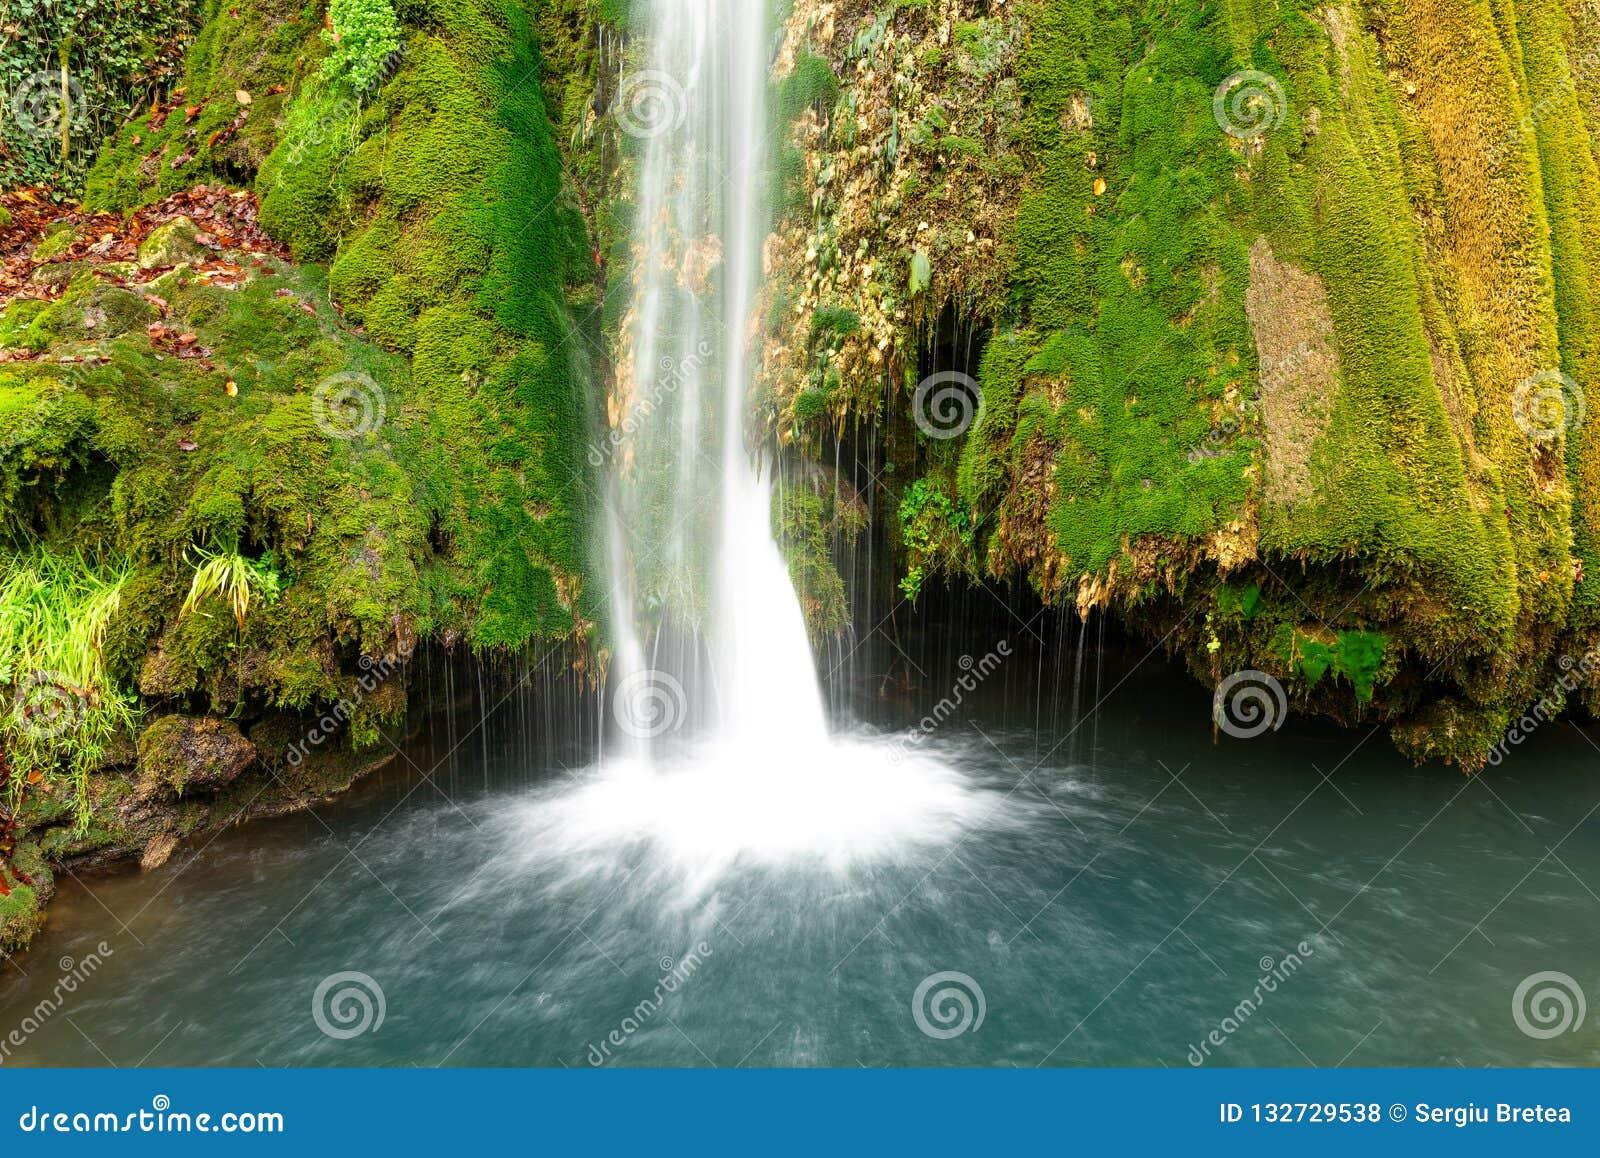 Kleurrijke waterval in de bos vroege herfst met gebladerte